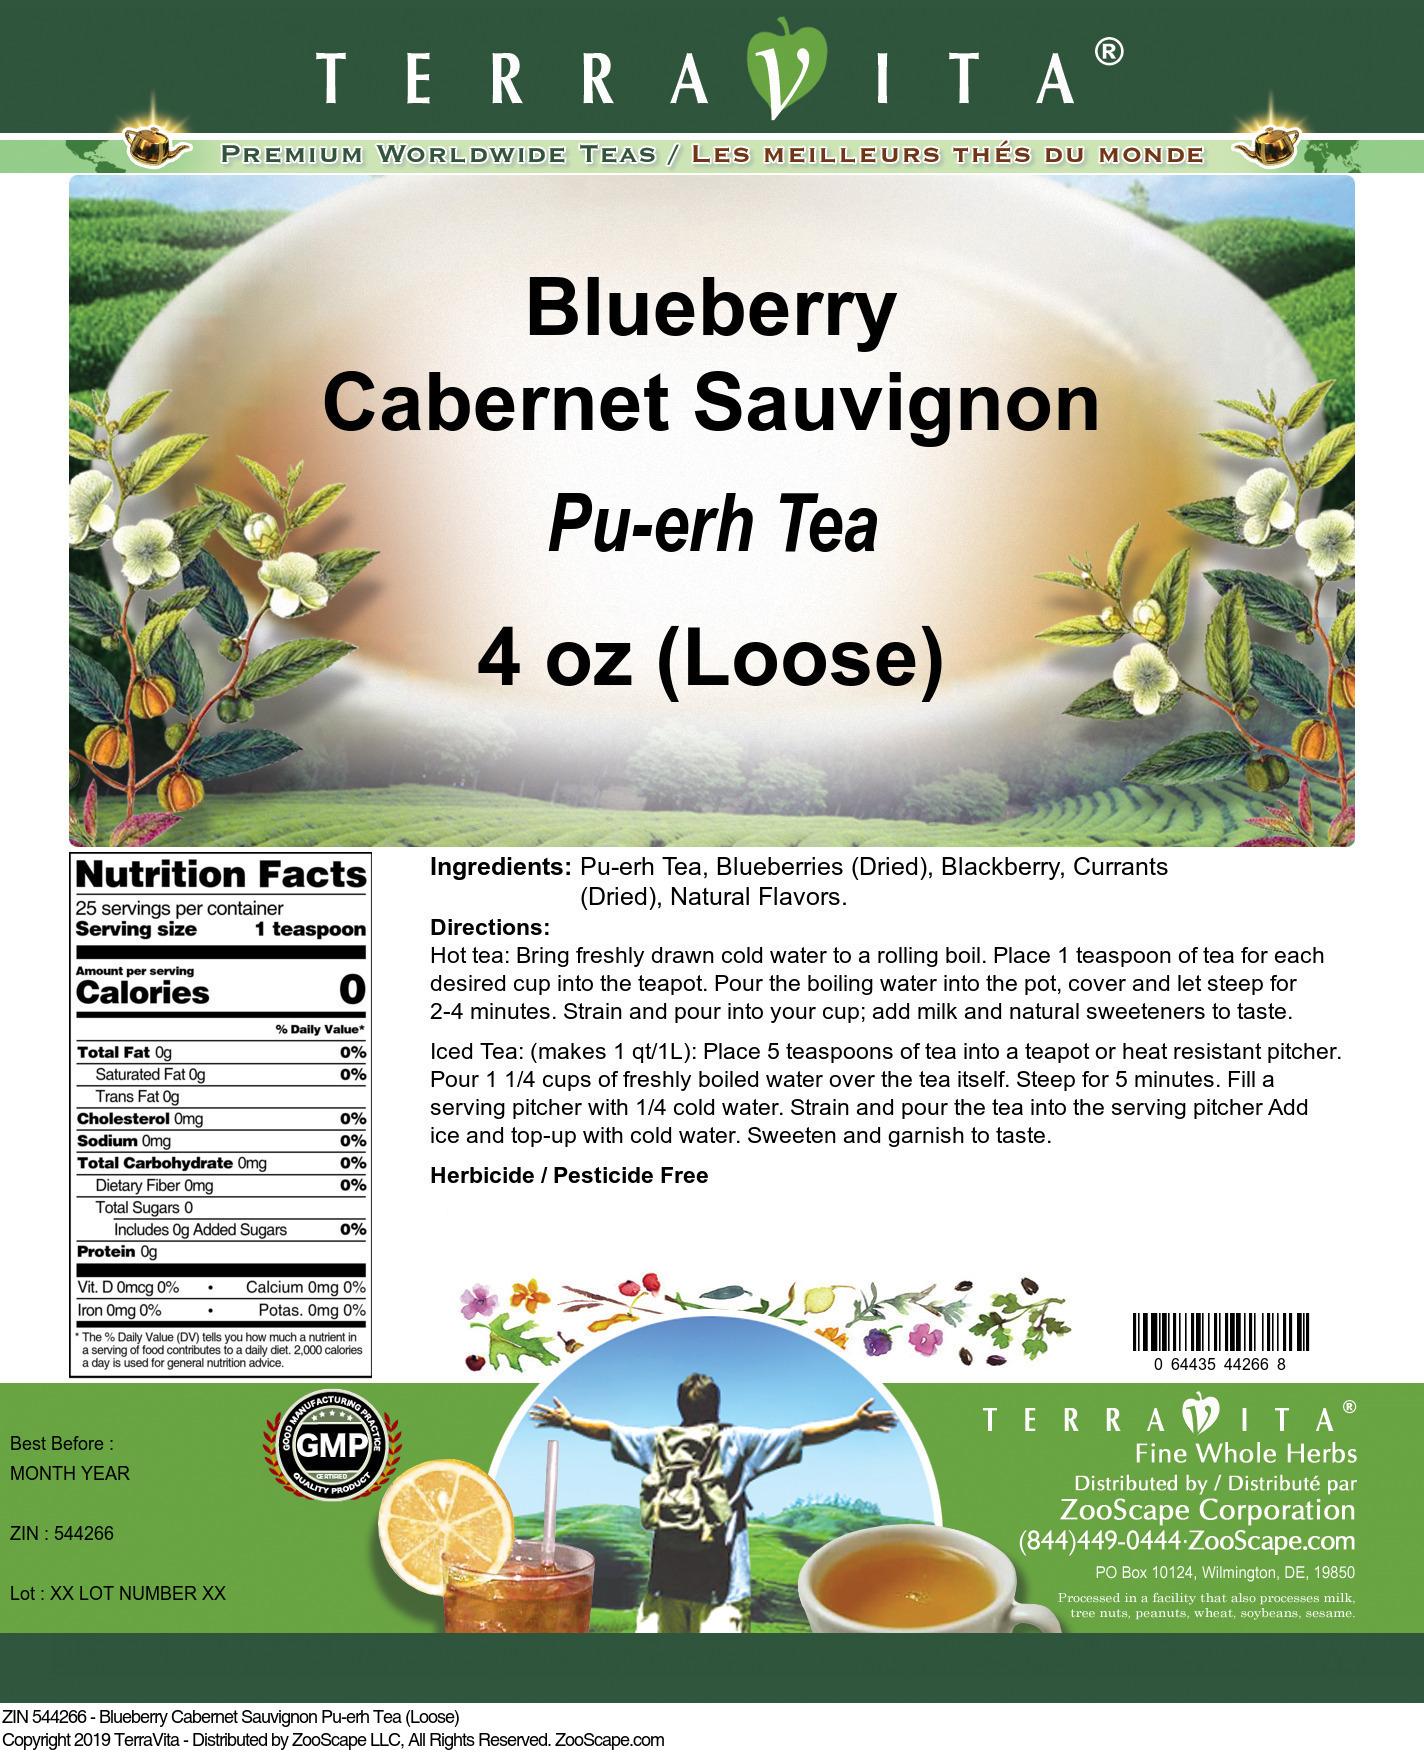 Blueberry Cabernet Sauvignon Pu-erh Tea (Loose)